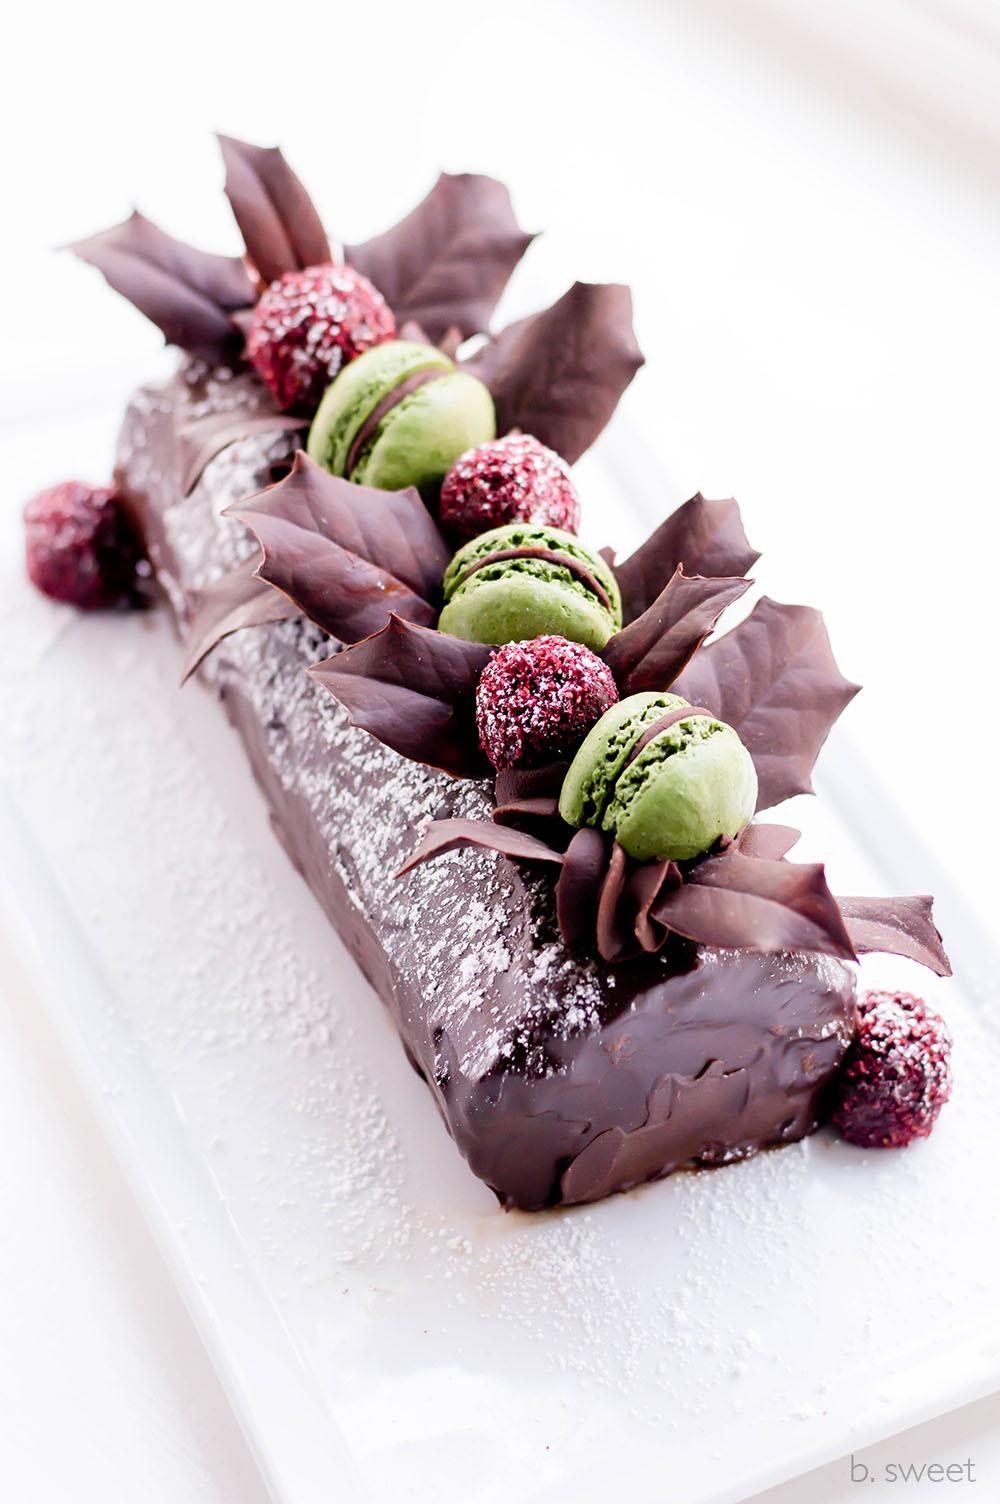 Mocha Swiss Roll - Yule Log - b. sweet